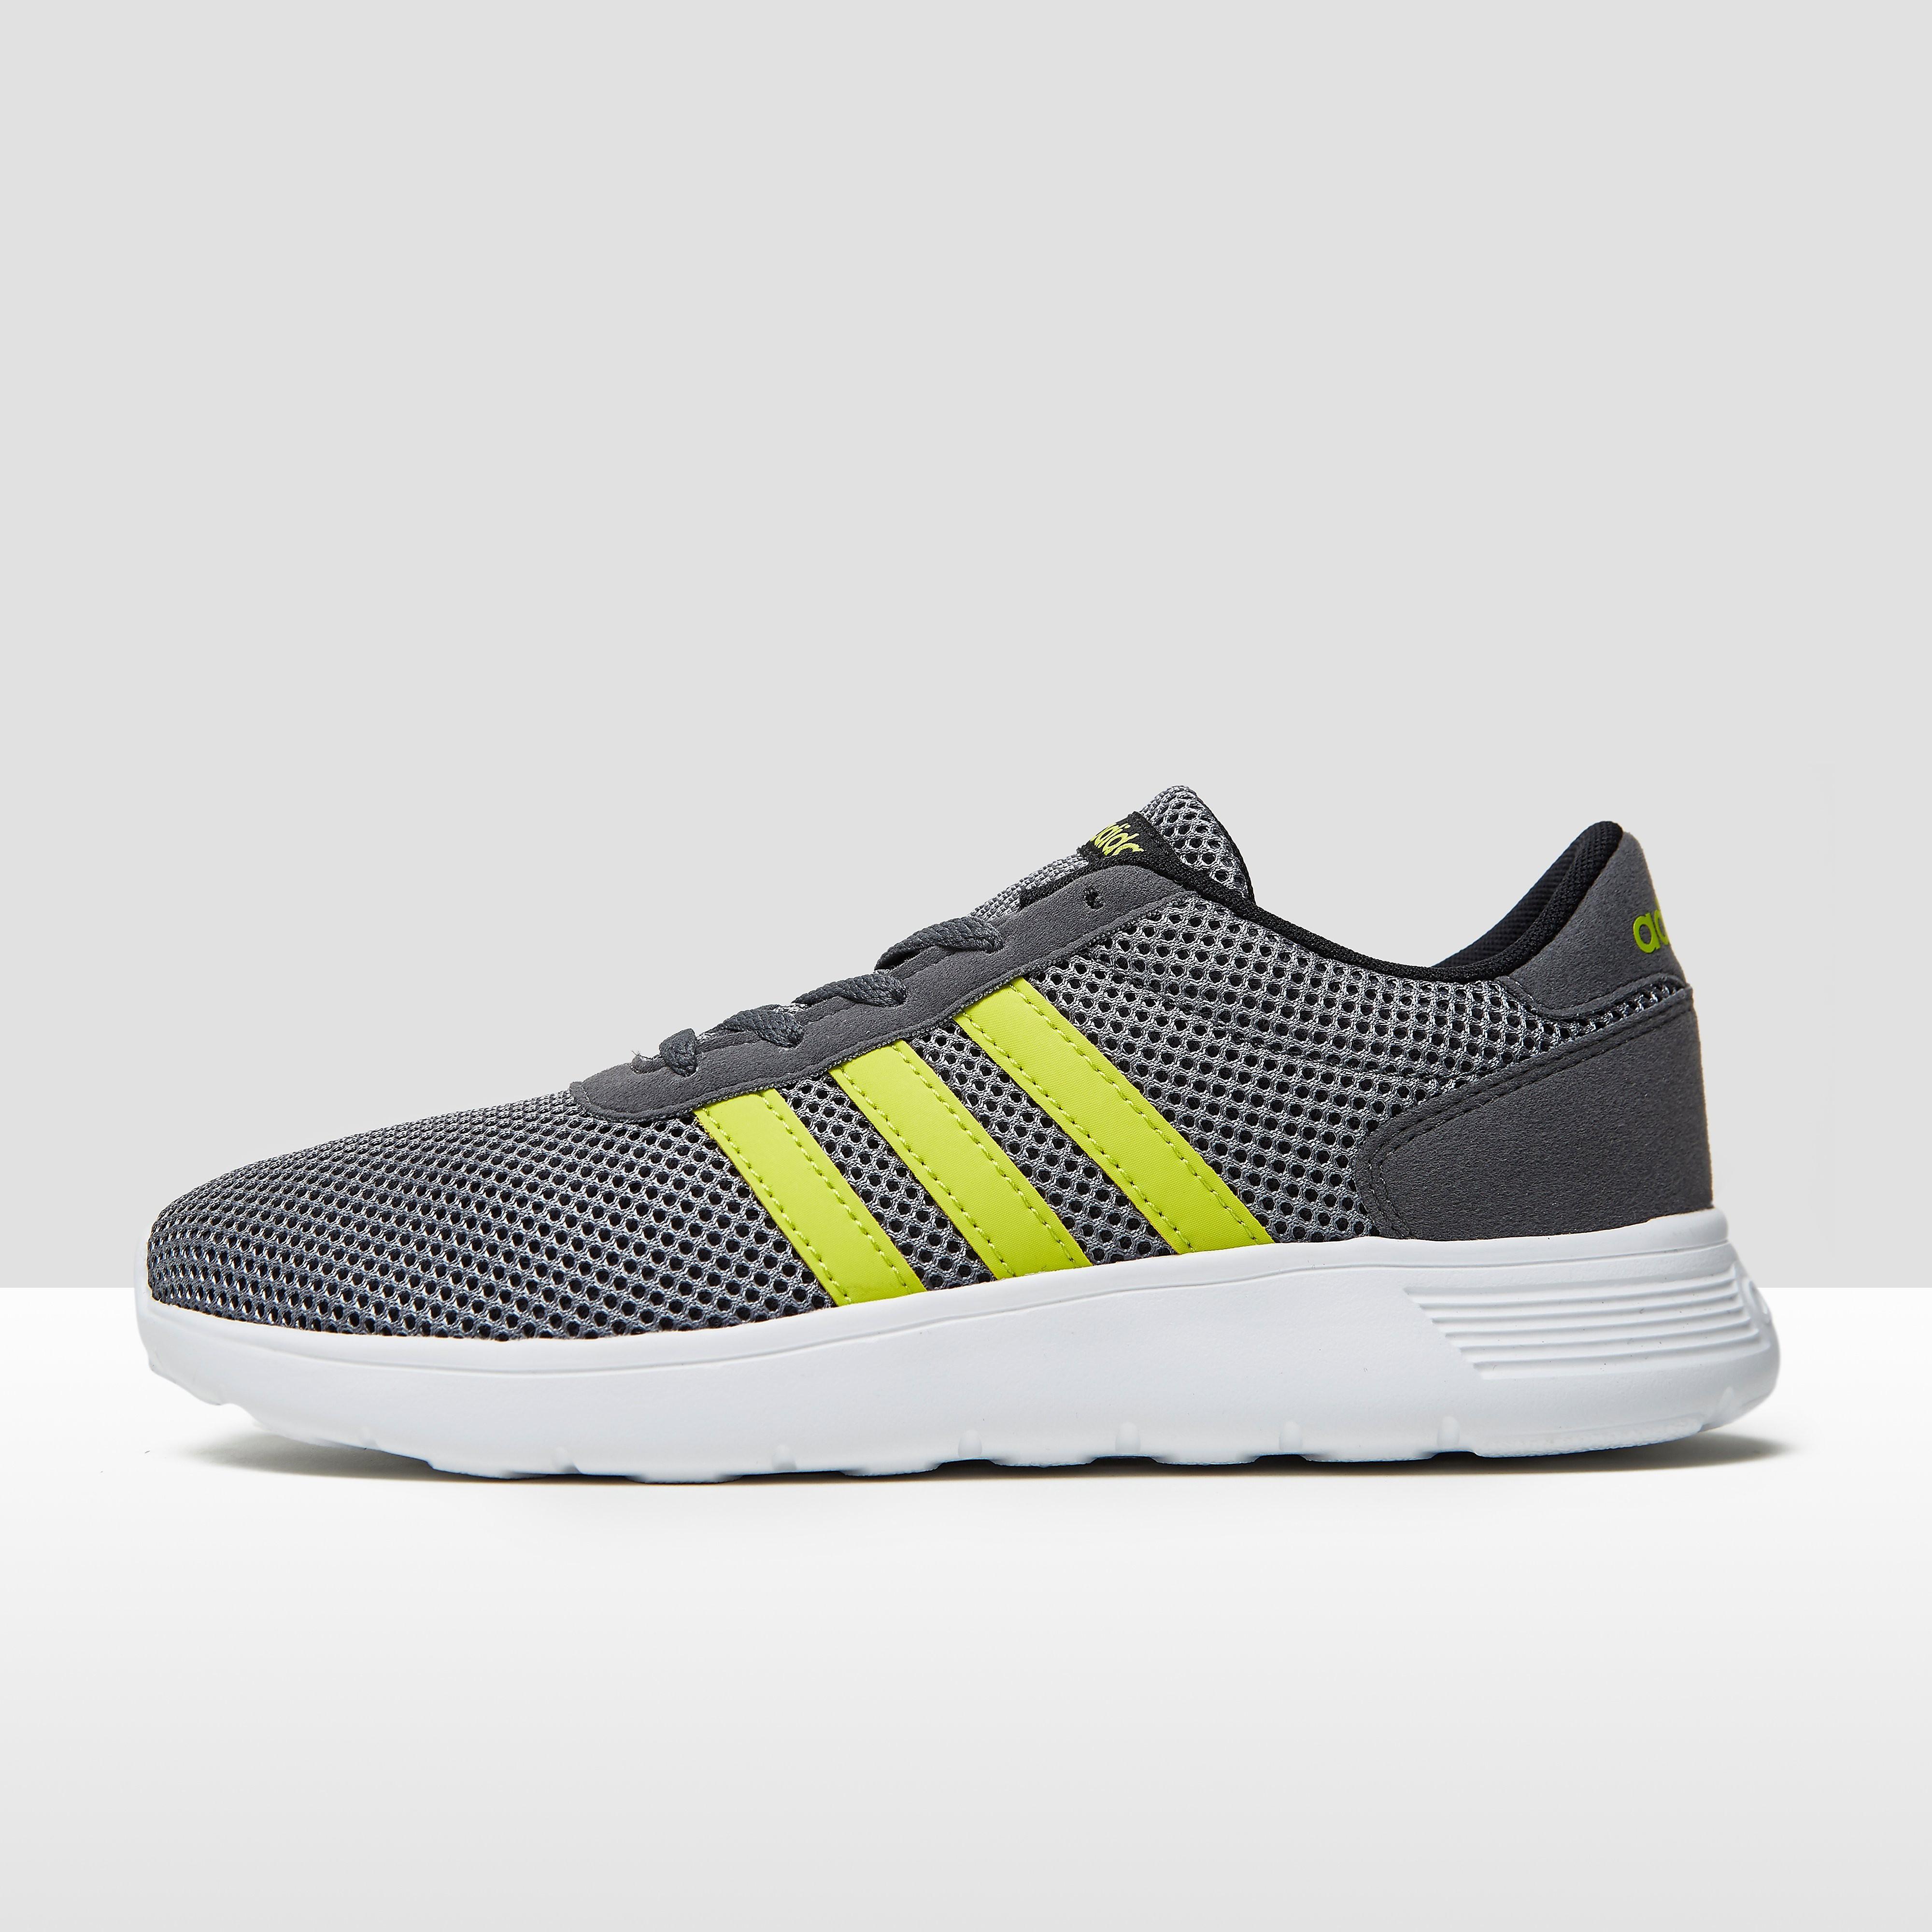 Adidas Lite Racer kindersneaker grijs en geel